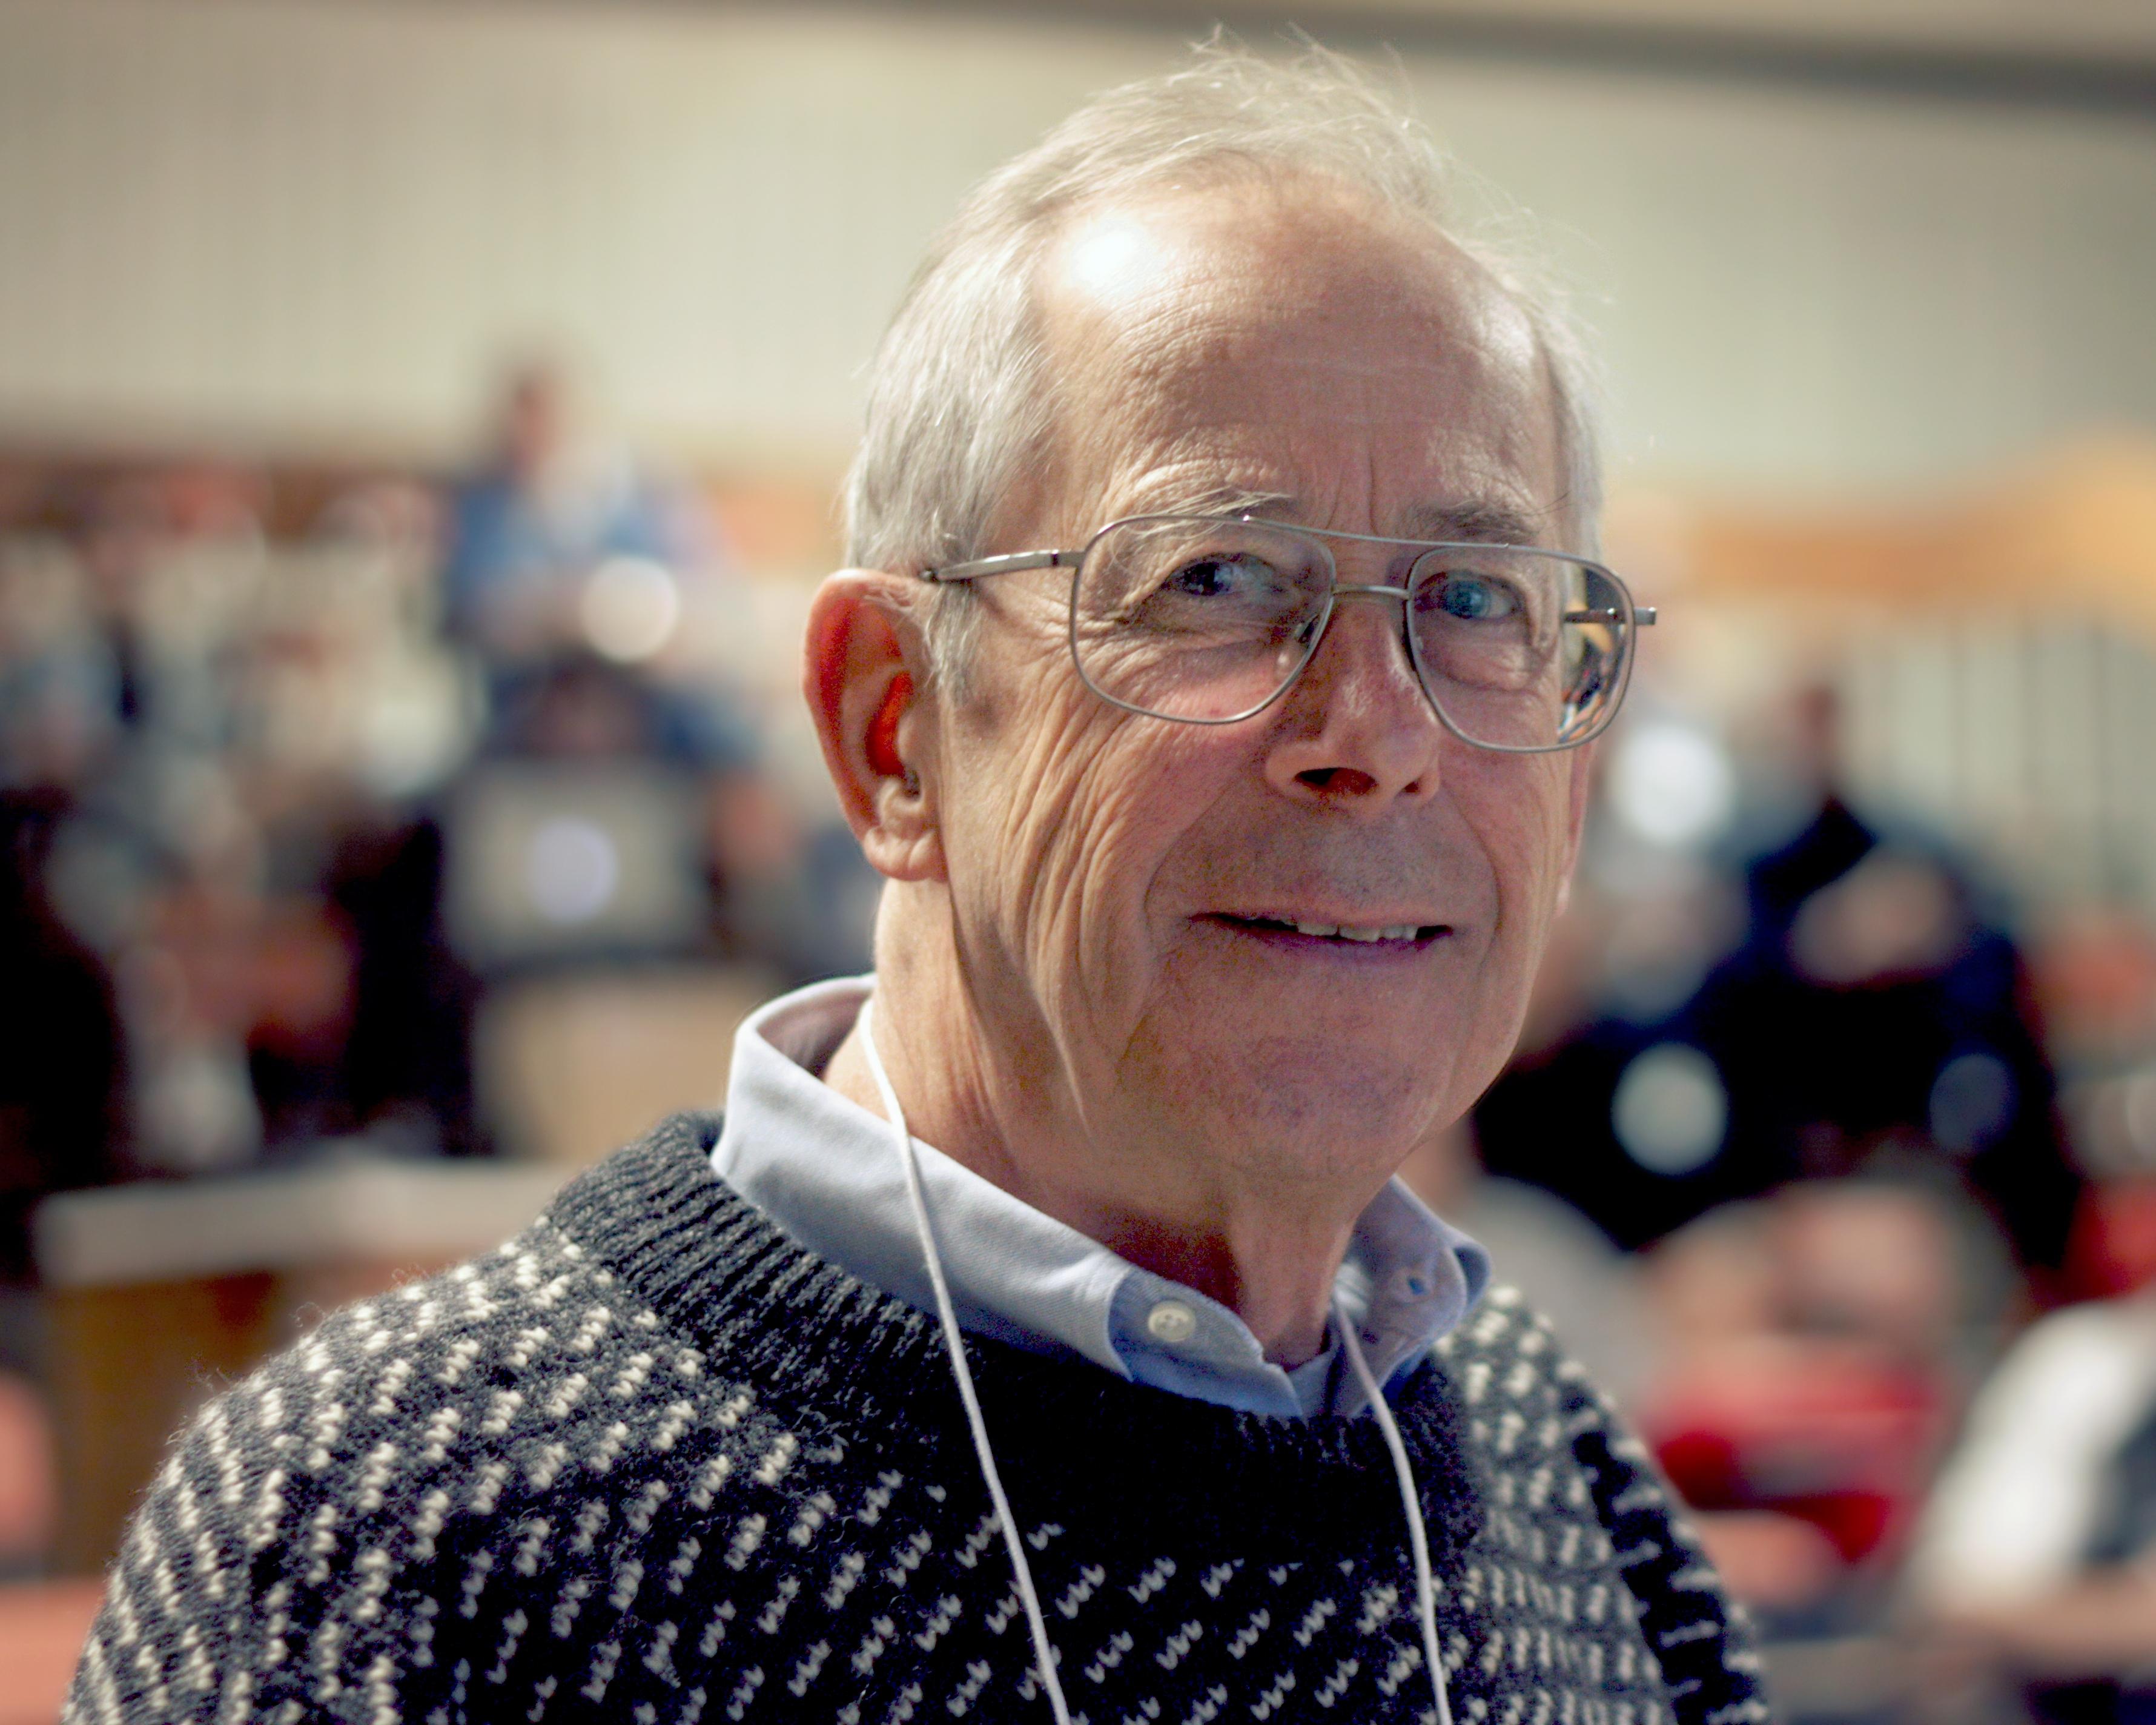 https://upload.wikimedia.org/wikipedia/commons/f/f5/Jim_Peebles_2010.jpg